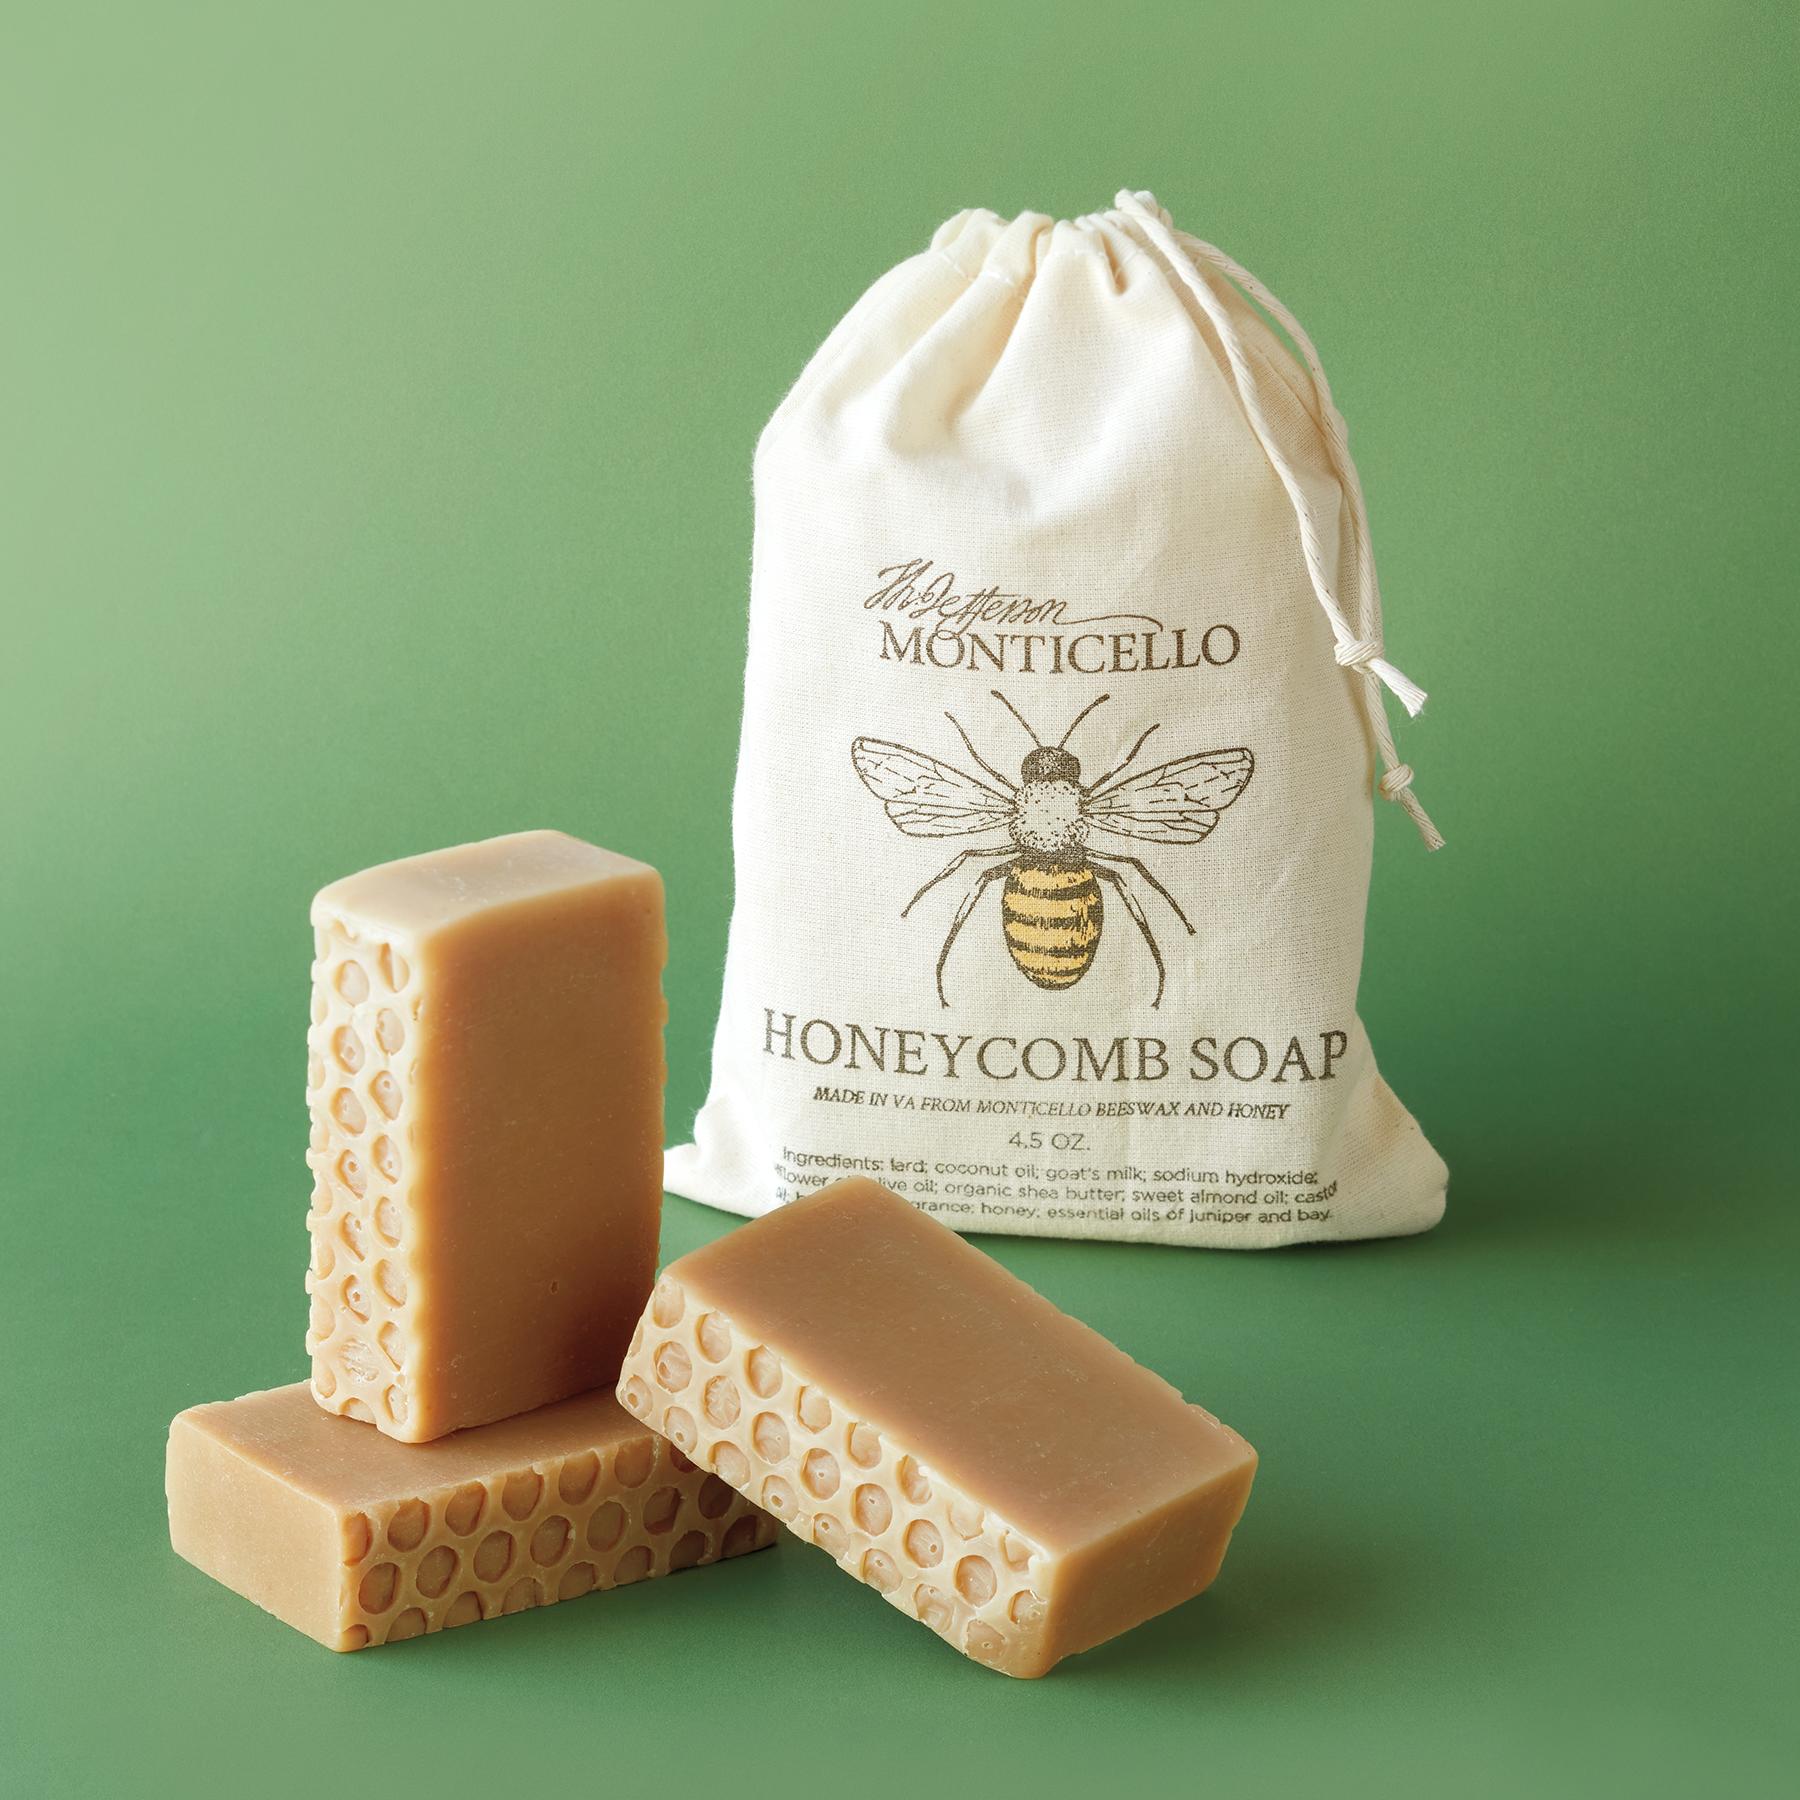 Monticello Honeycomb Soaps